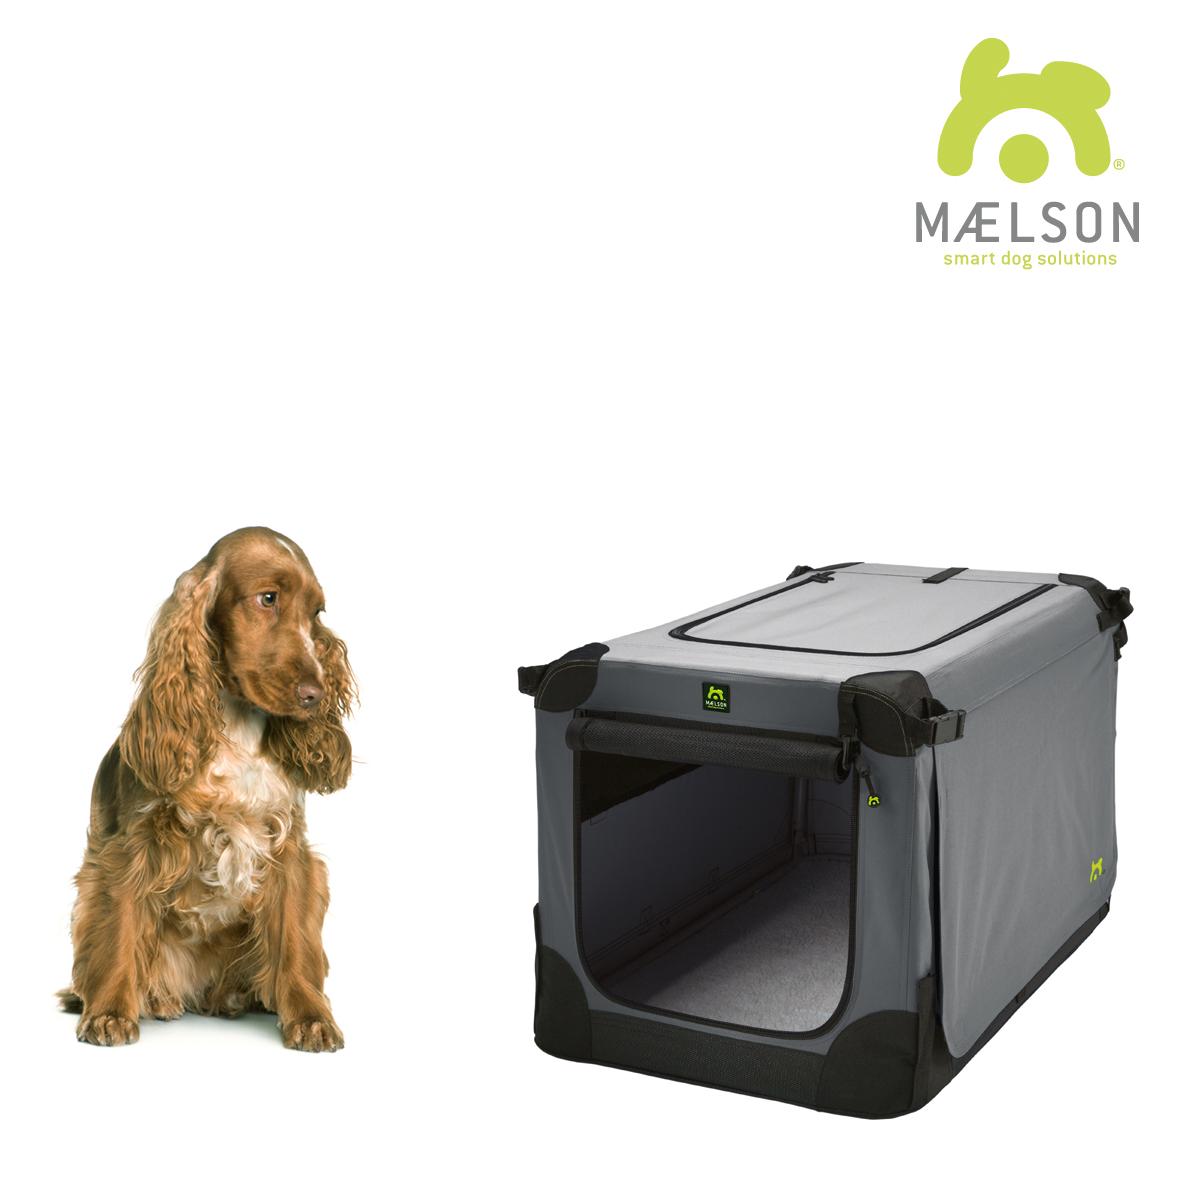 Přepravka pro psy Maelson - černo-šedá - velikost L, 82x59x59 cm